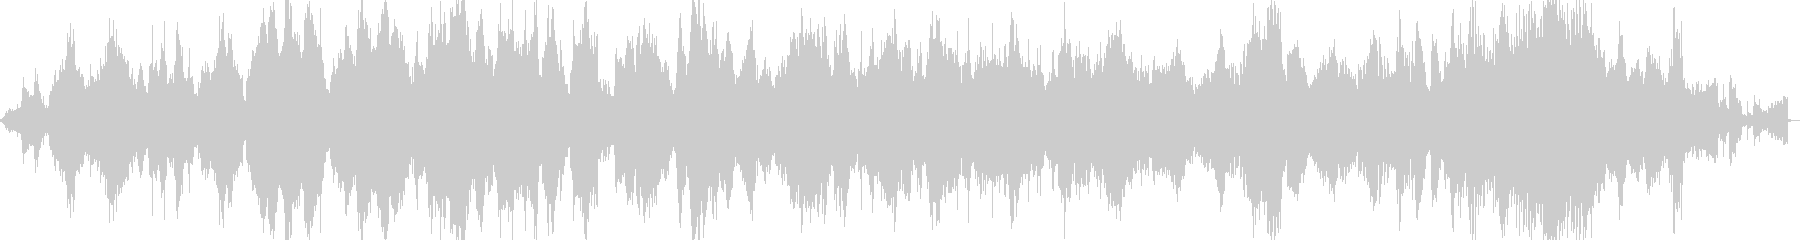 EDM ダウンテンポ かっこいいドロー…の未再生の波形